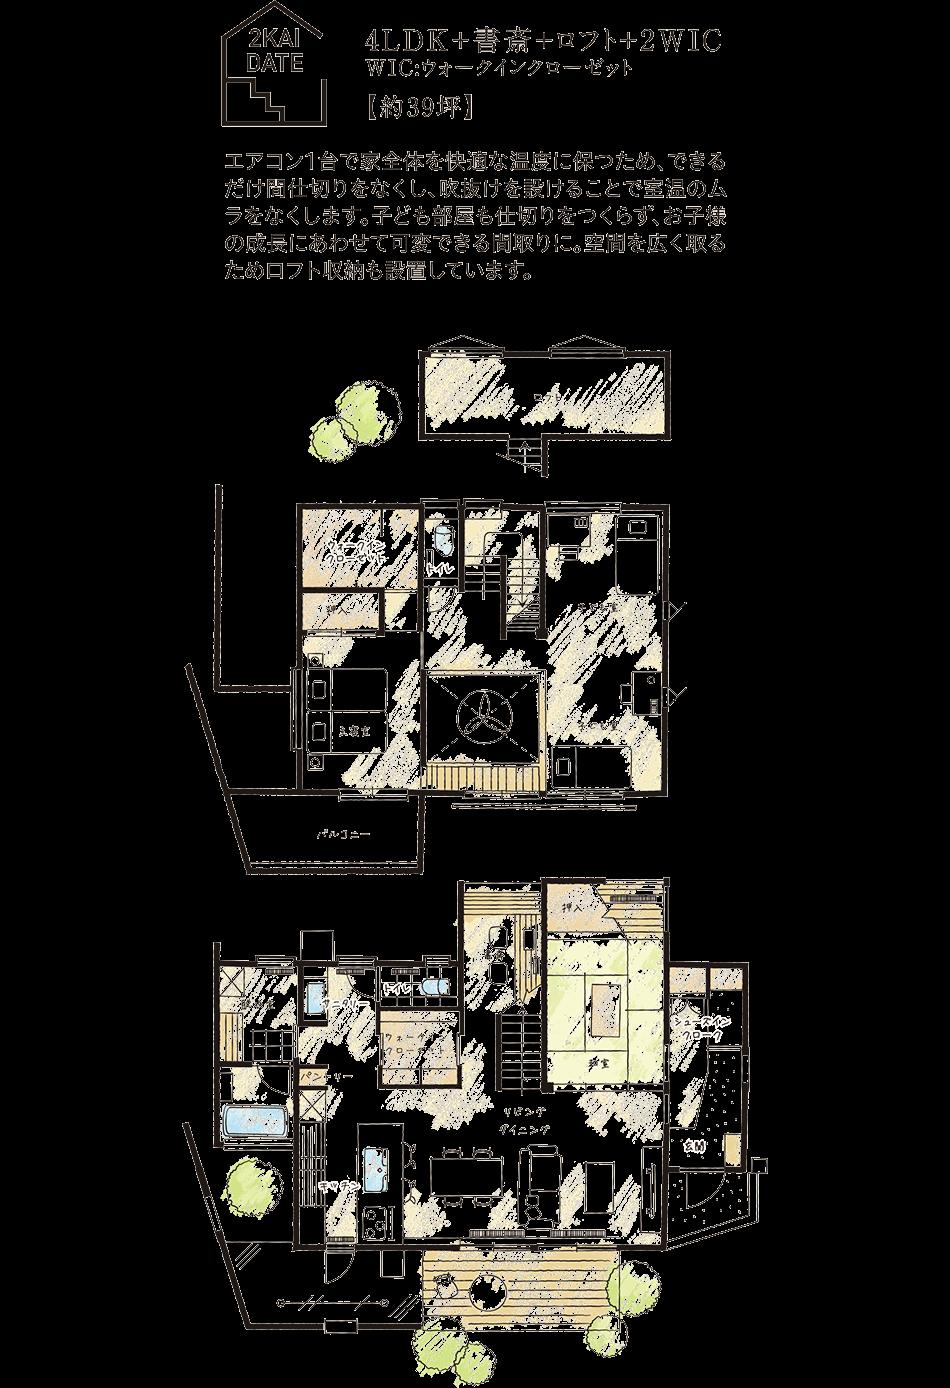 2KAIDATE/4LDK+書斎+ロフト+2WIC、WIC:ウォークインクローゼット【約39坪】